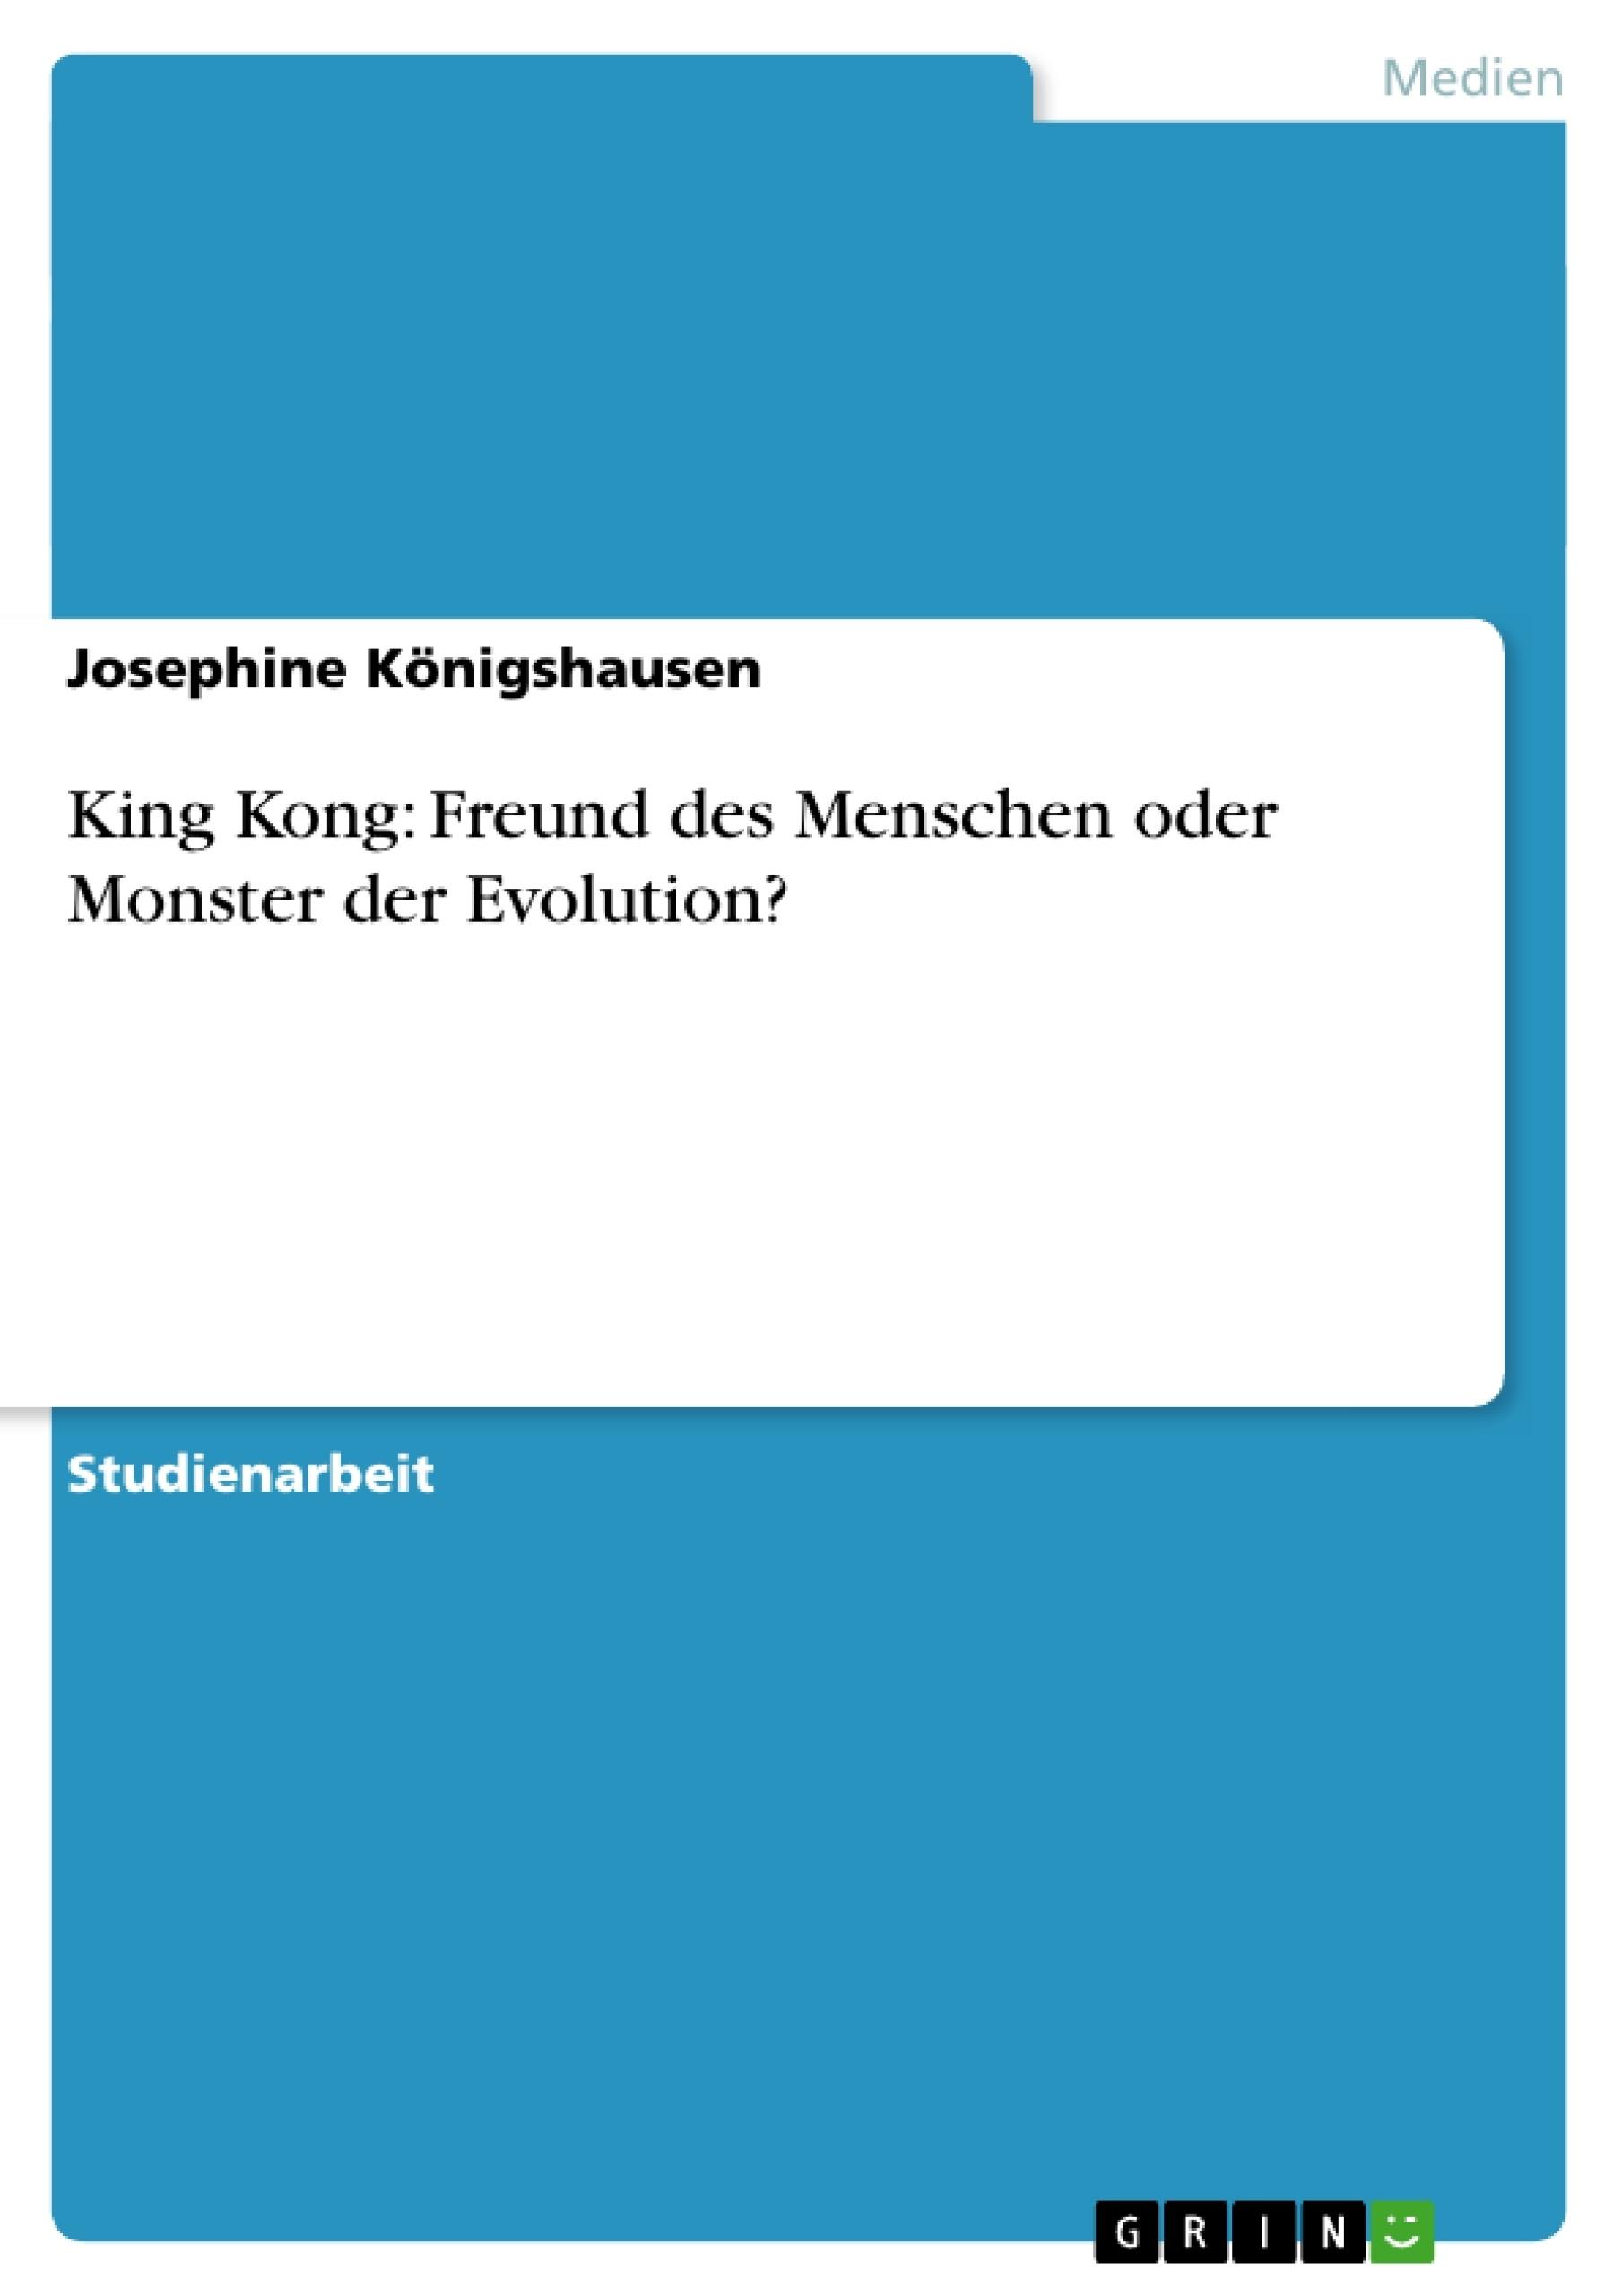 Titel: King Kong: Freund des Menschen oder Monster der Evolution?